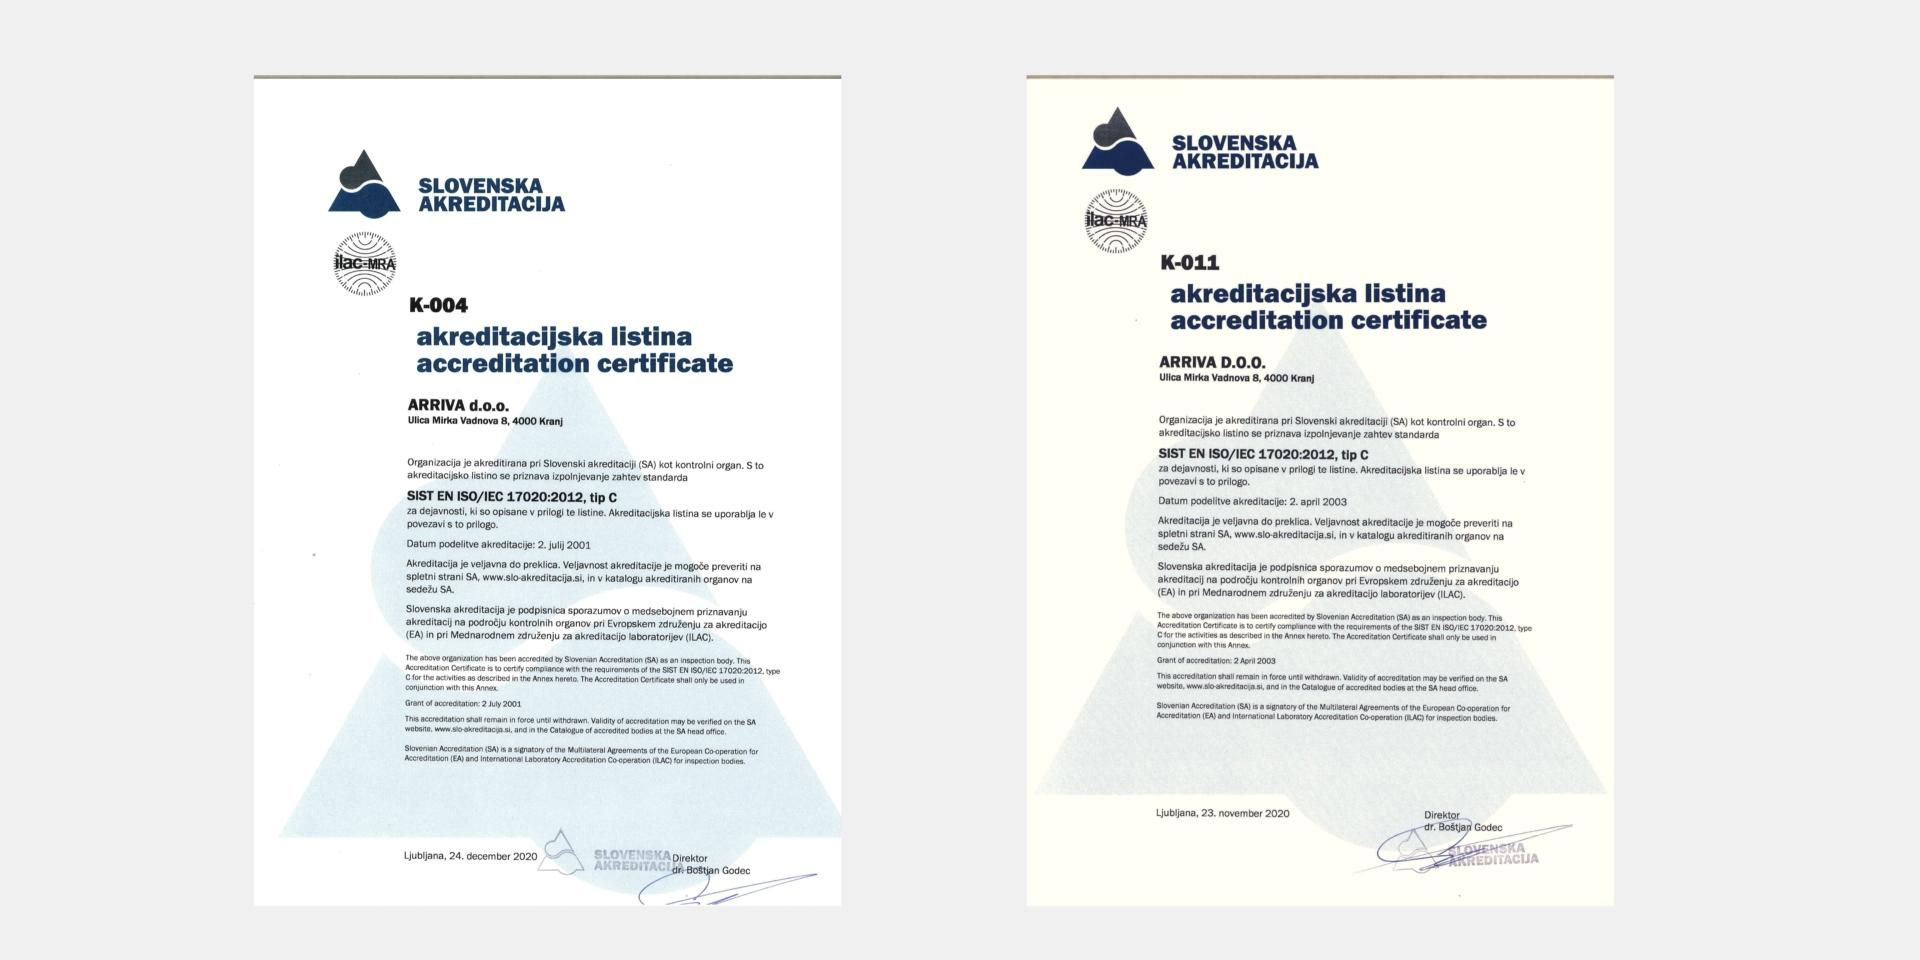 Kakovost storitev in lastnih turističnih produktov ter nenehno izboljševanje ključnih procesov sta strateški usmeritvi skupine Arriva Slovenija. S sistematičnim pristopom želimo stalno presegati zahteve odjemalcev in dosegati zastavljene cilje poslovanja.